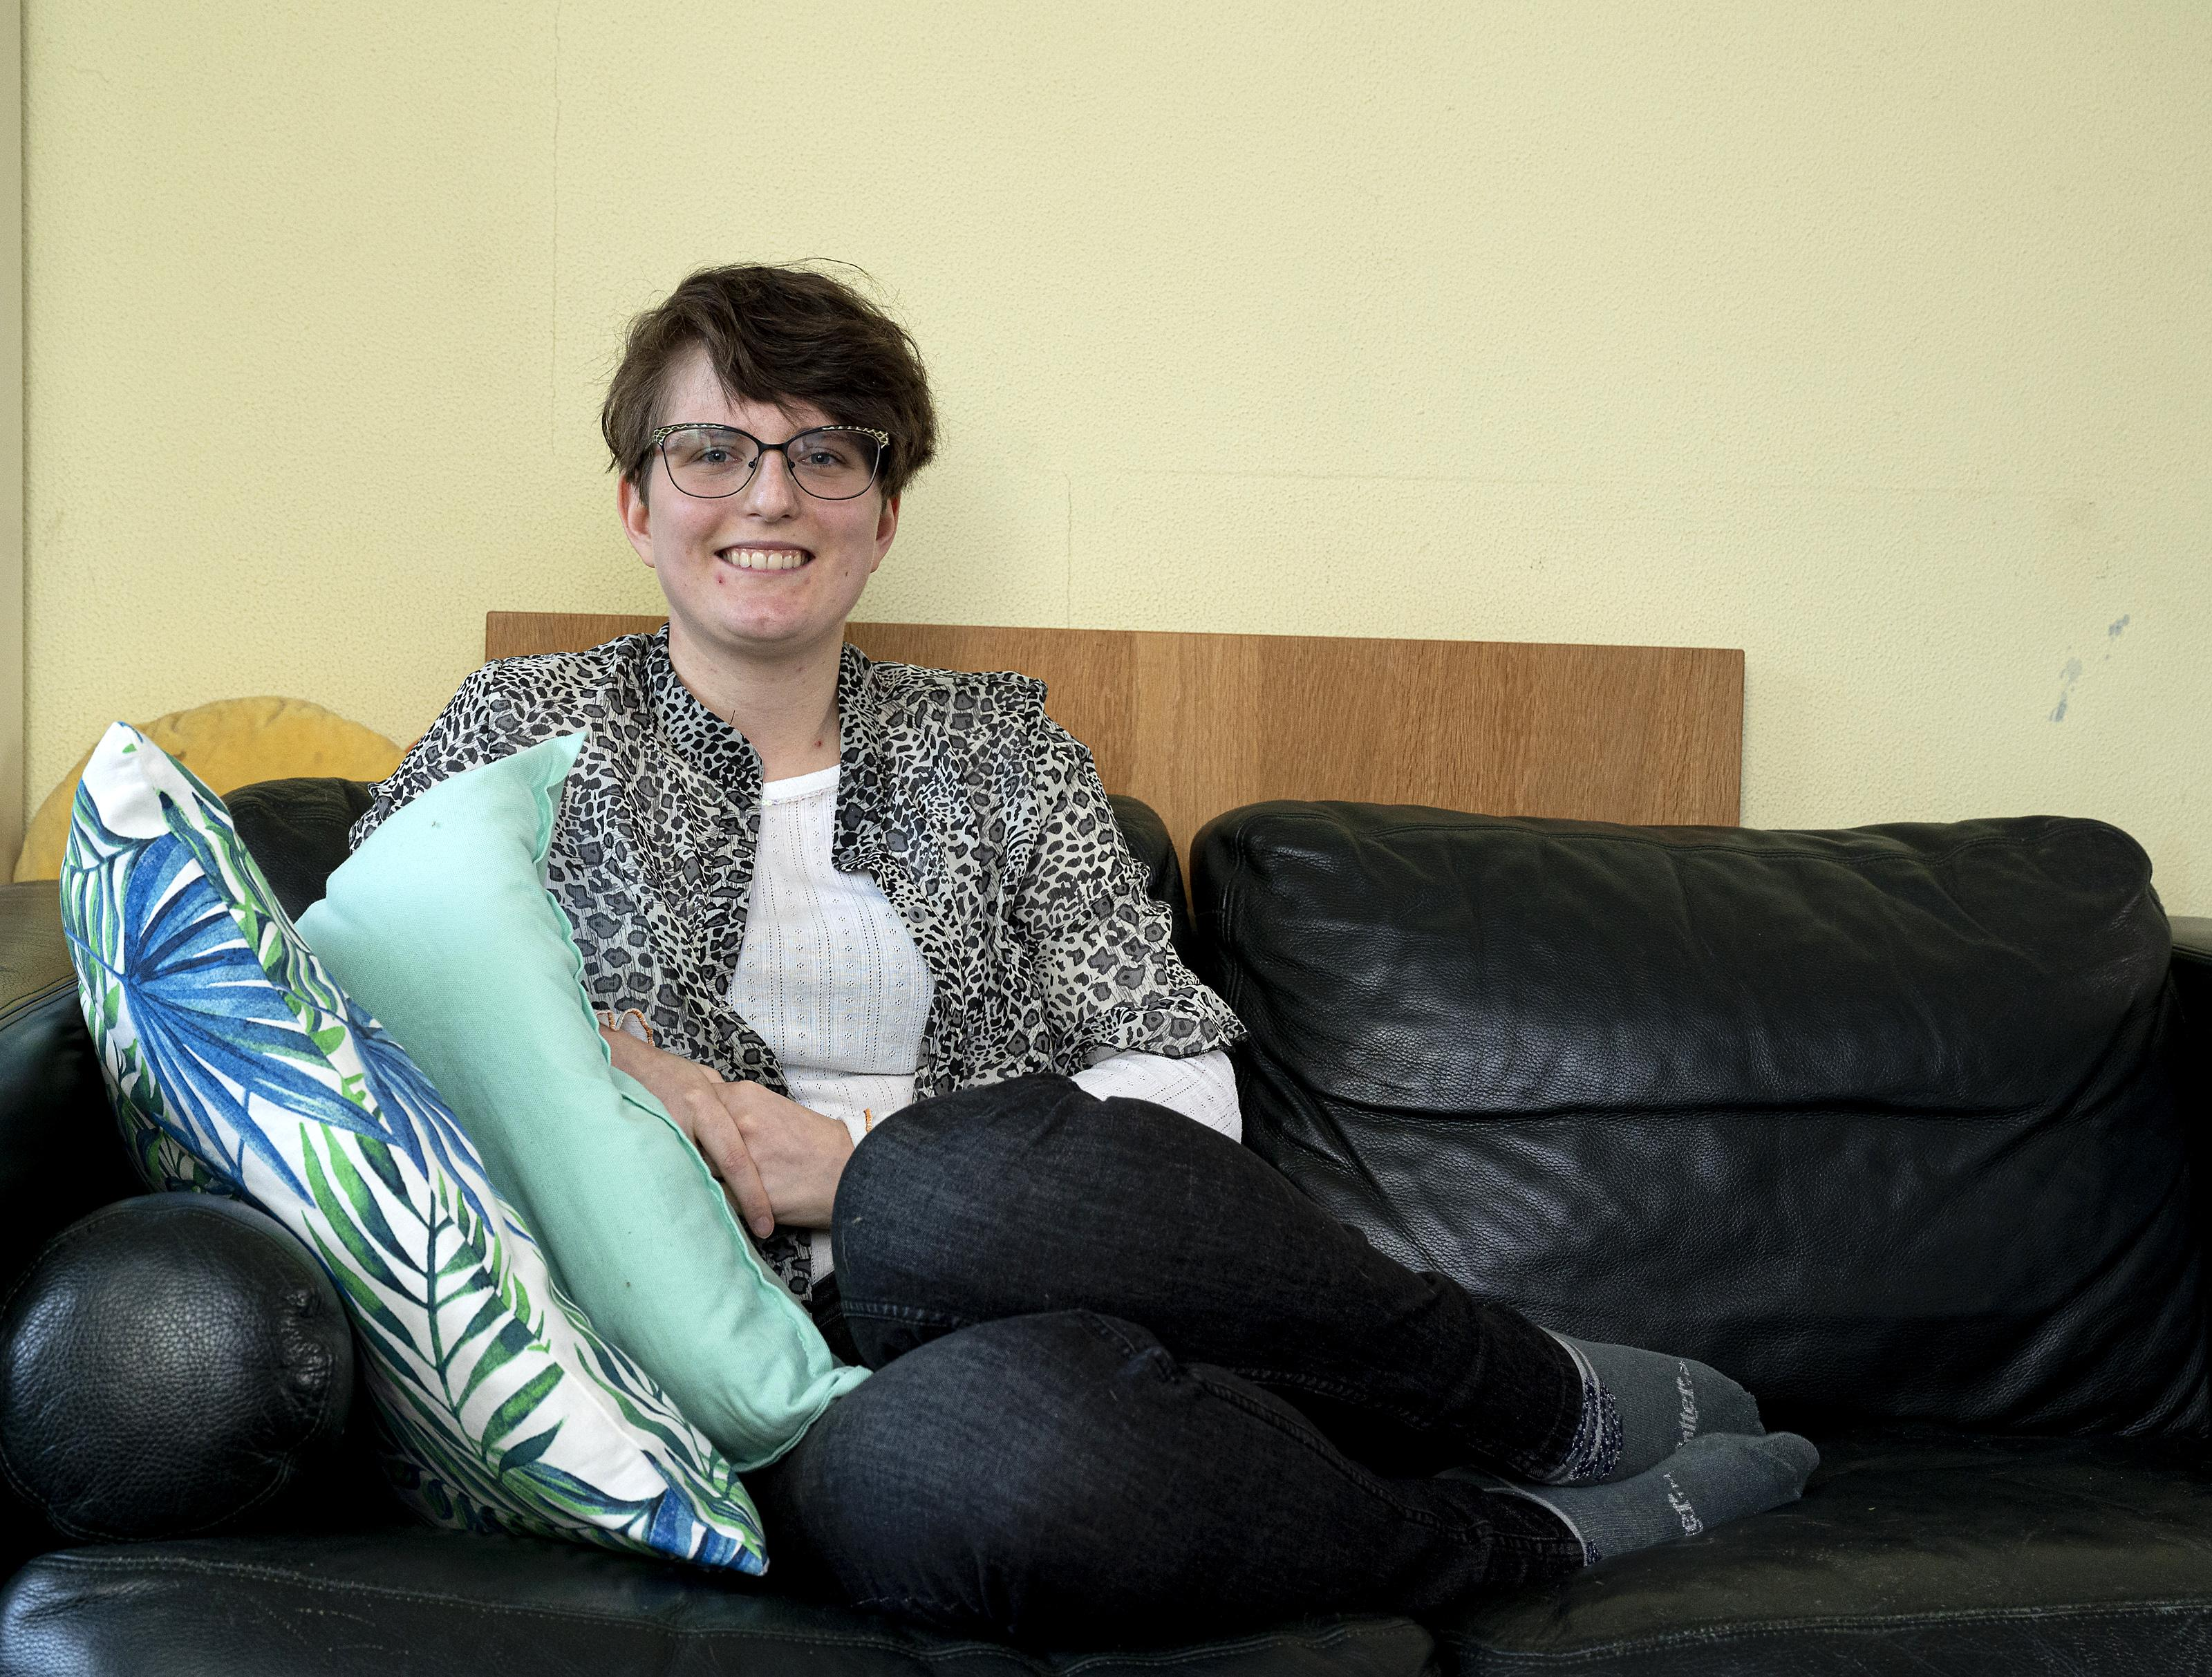 Lopen voor Lyme: erkenning en geld voor Wormerse Simone Verver met ernstige ziekte